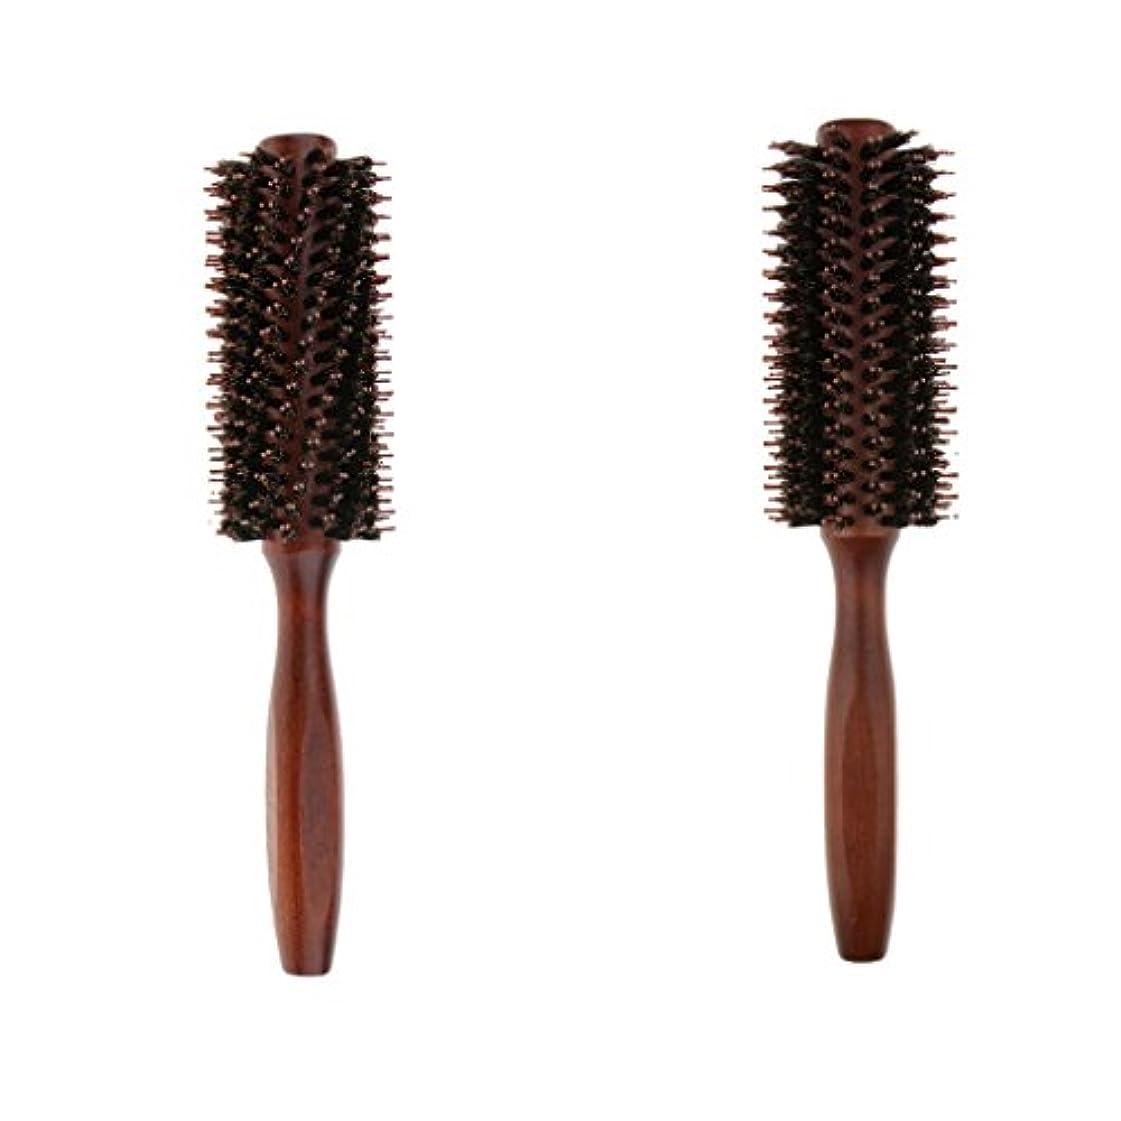 ラダ原稿はがきB Blesiya 2個 ロールブラシ ヘアブラシ ヘアカラーリング用 木製櫛 静電気防止 耐熱コーム 巻き髪